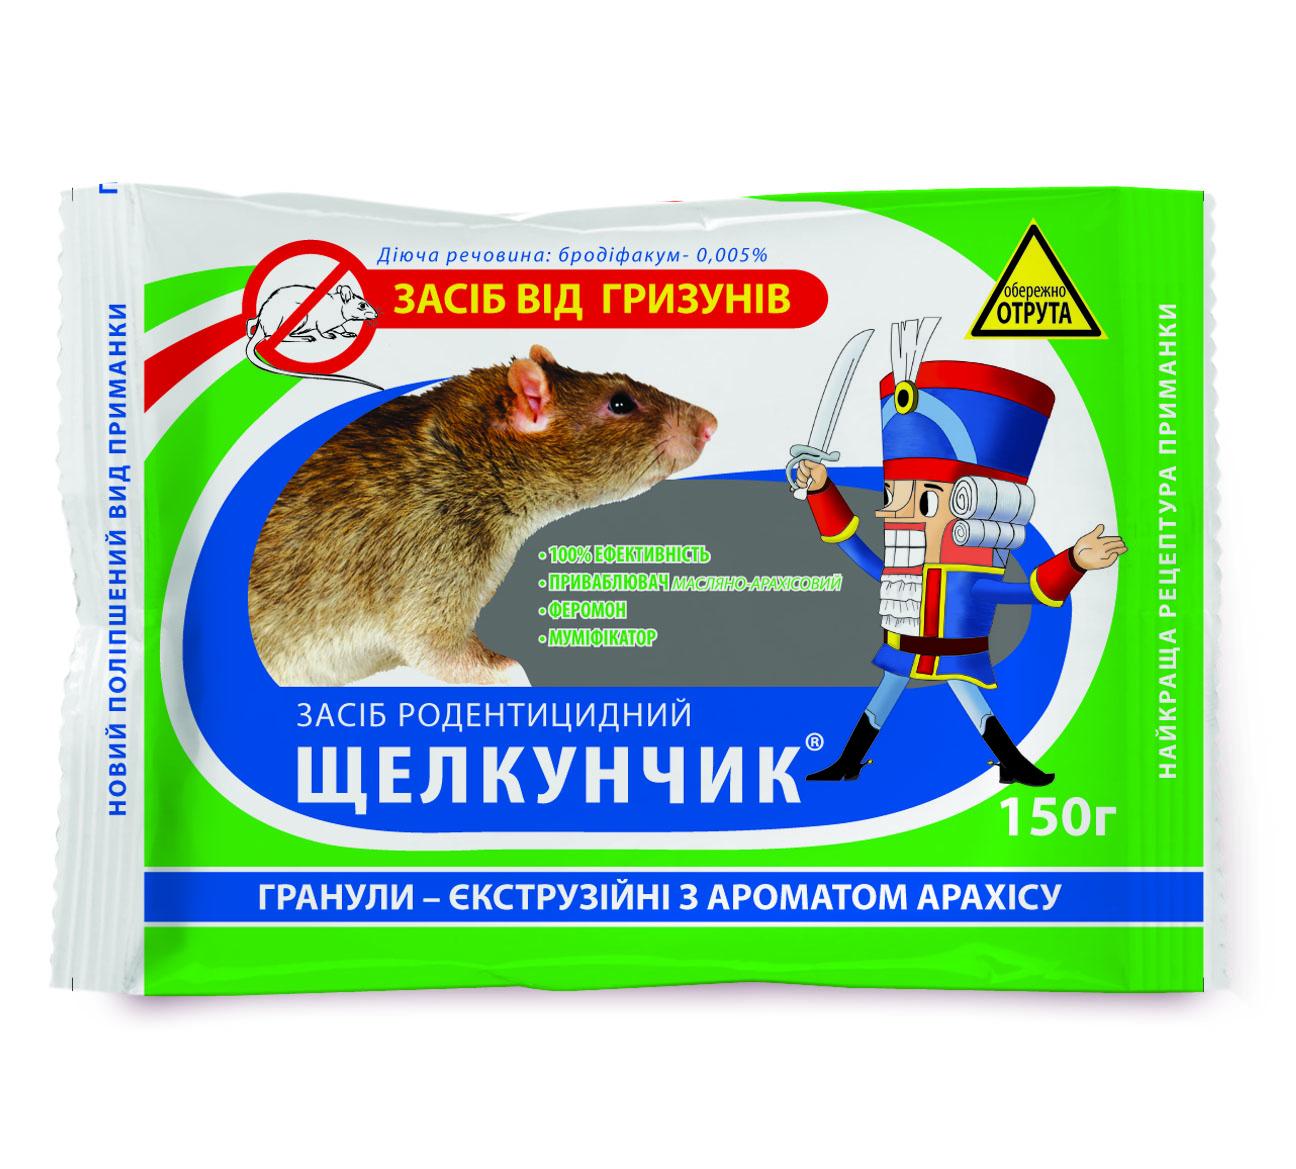 приманки от крыс купить